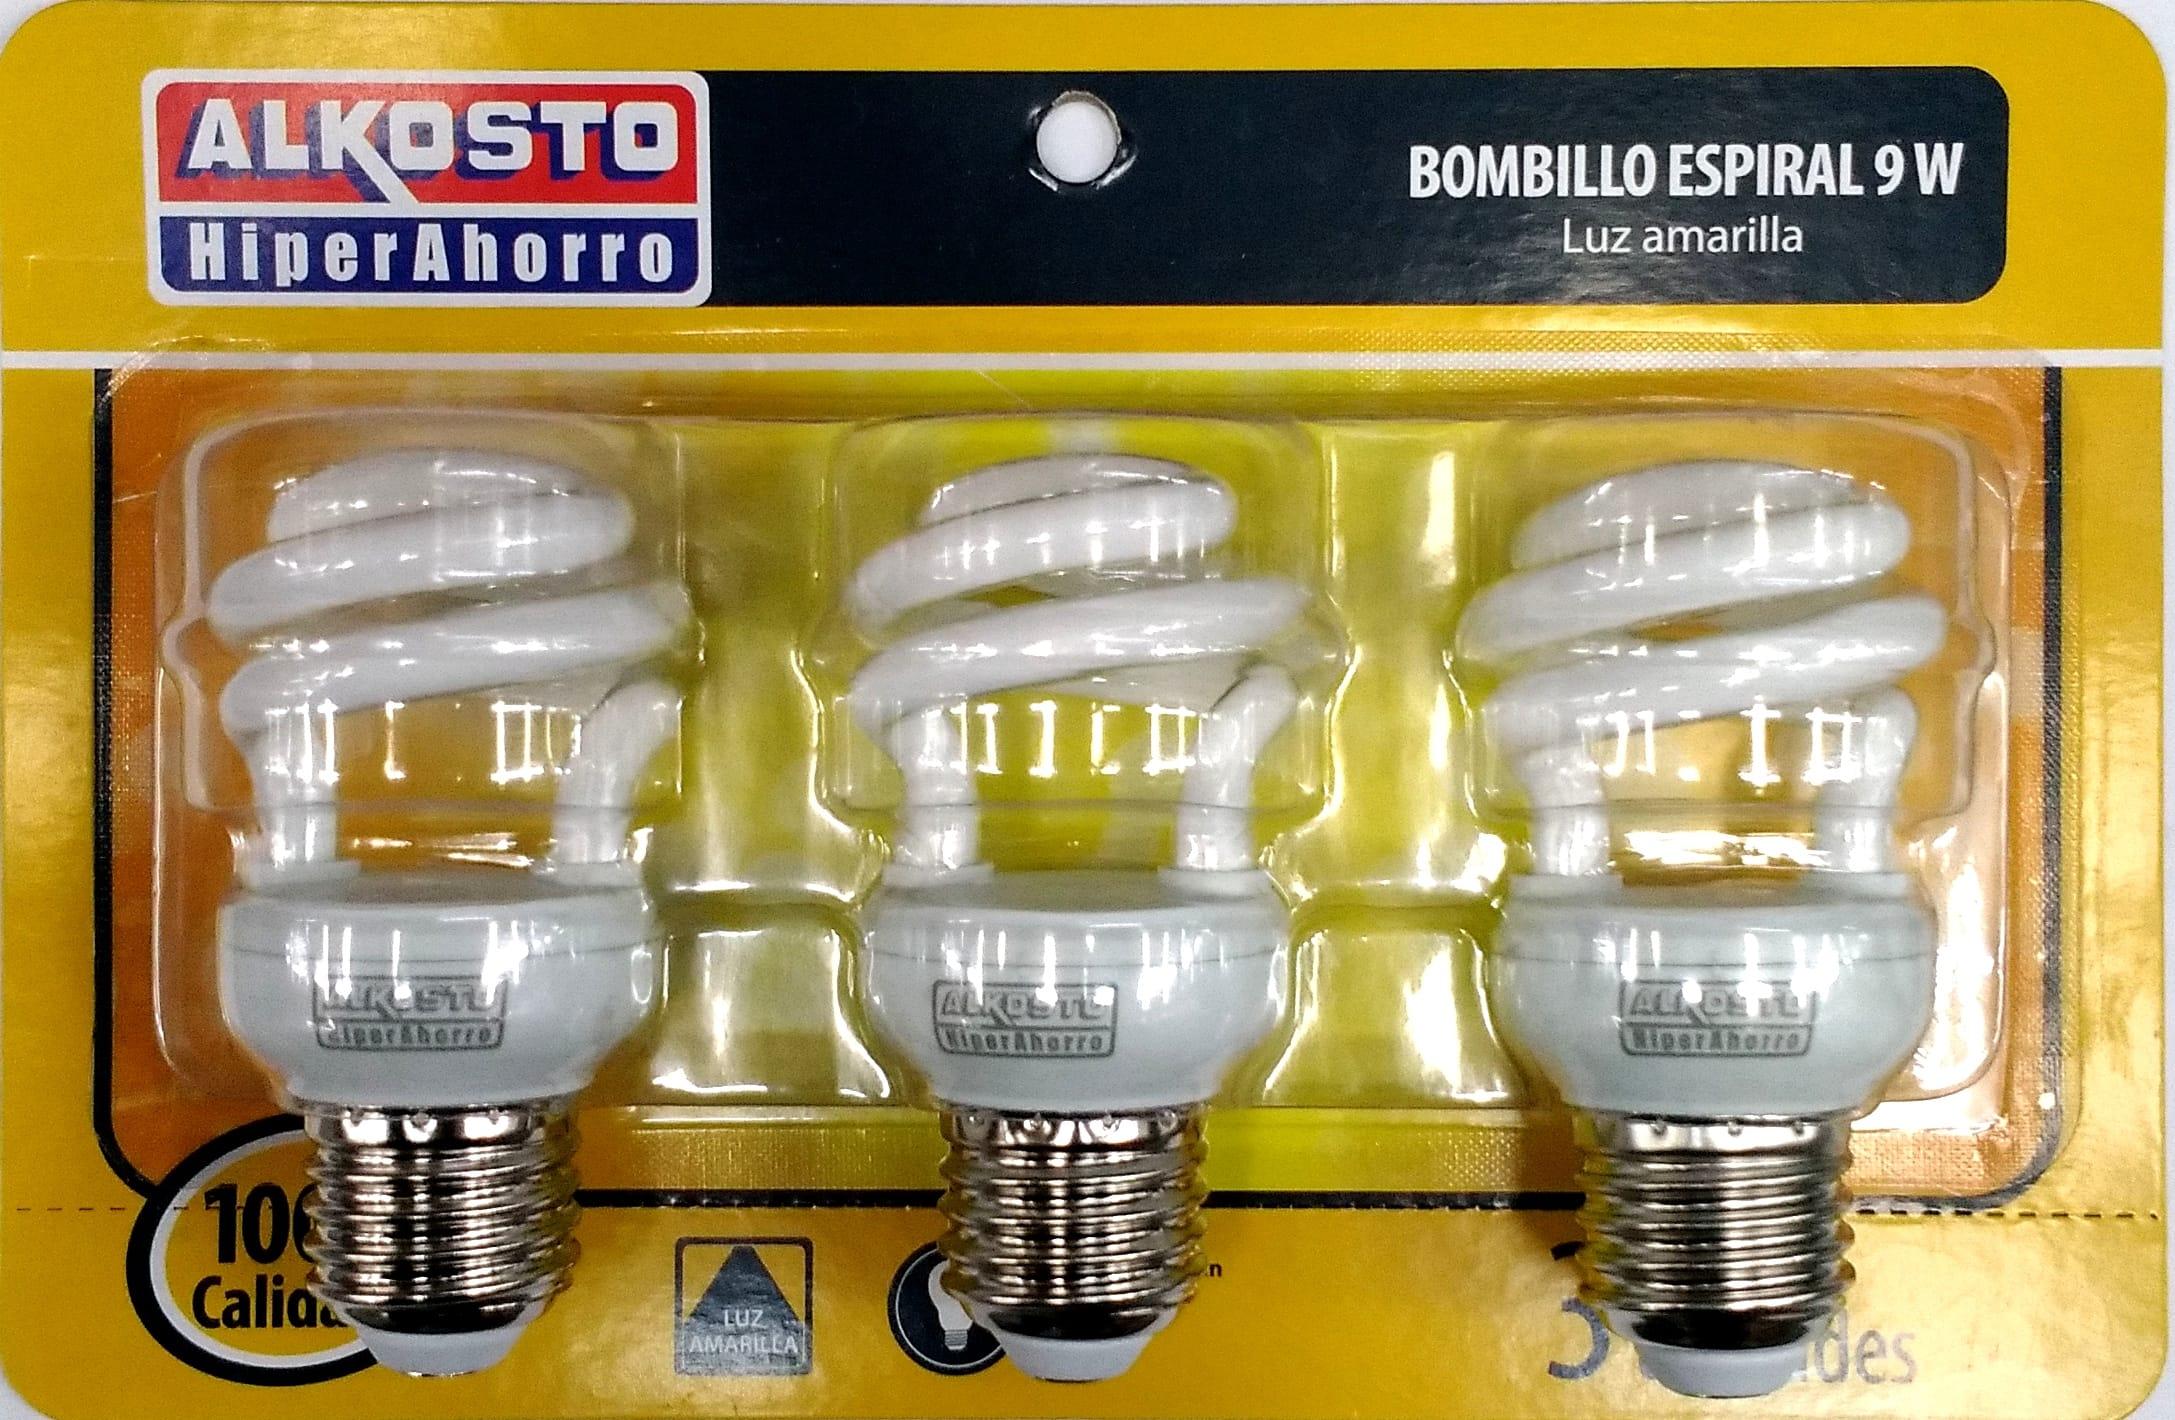 Bombillo Espiral Alkosto 9w luz Amarilla bli x3